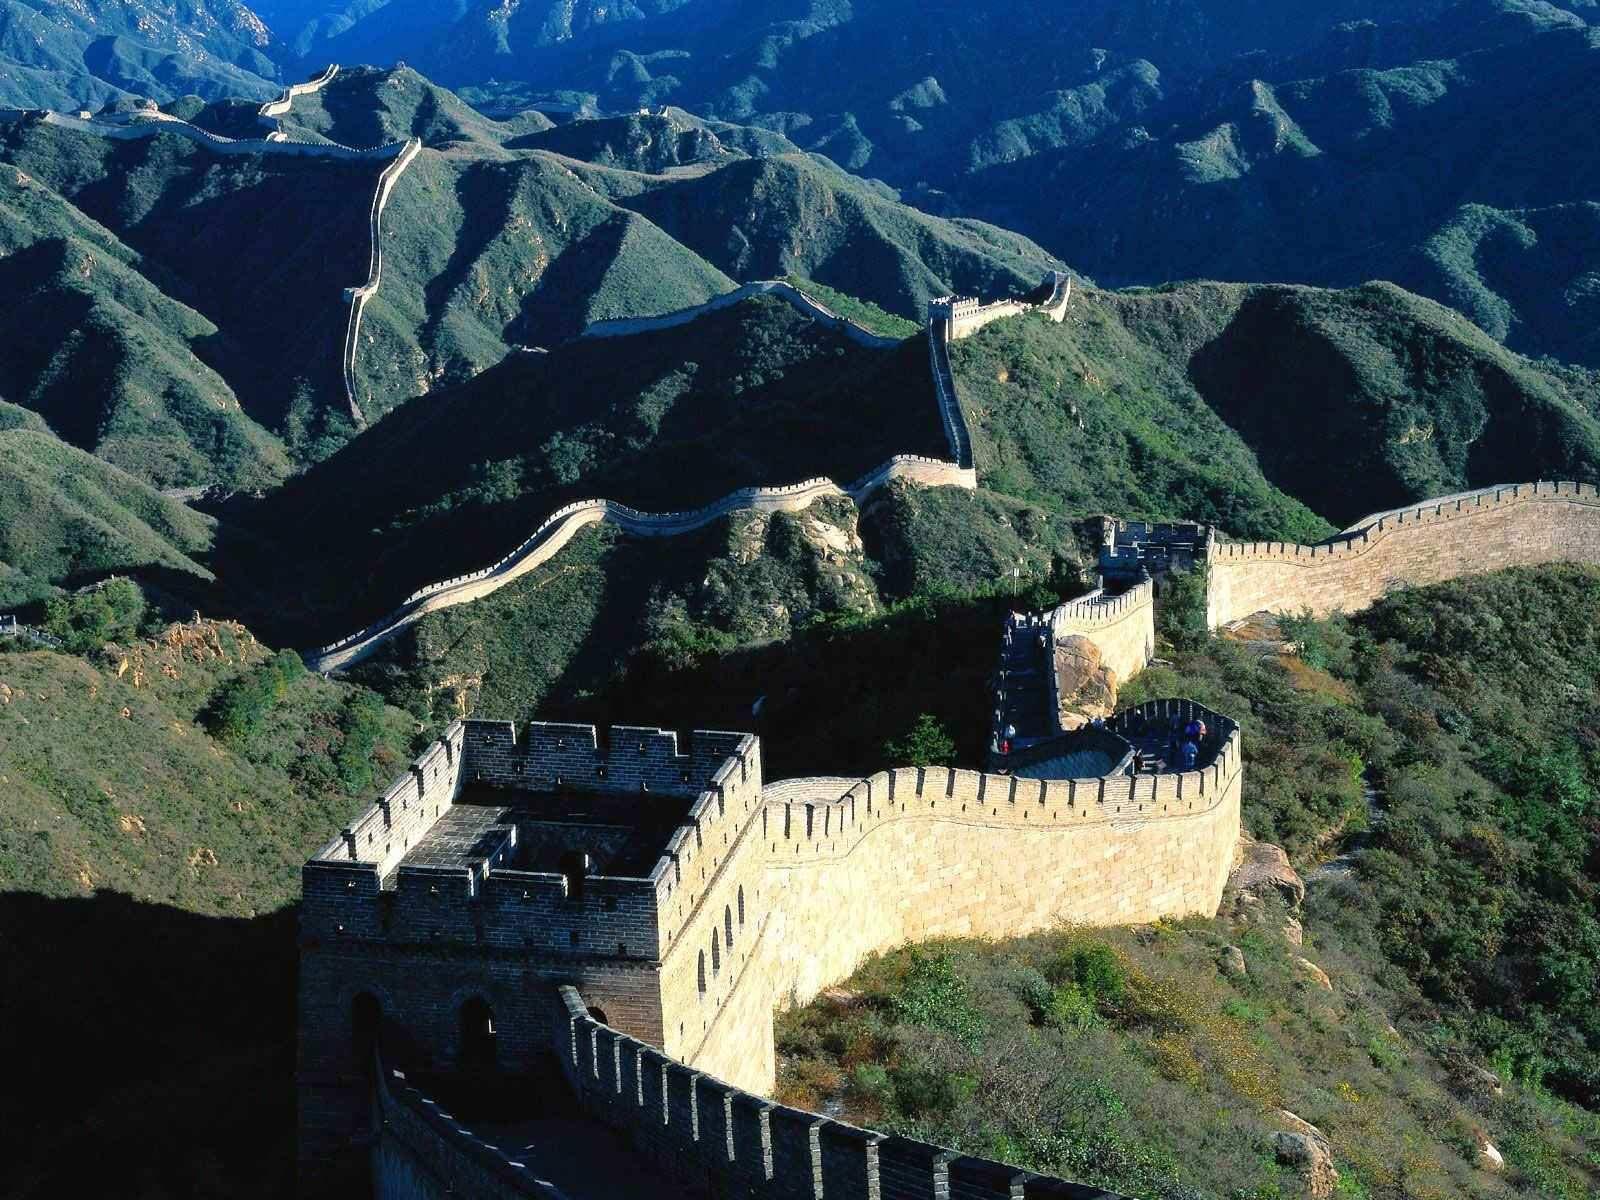 Construccion de la muralla china caracteristicas la for Q es la muralla china